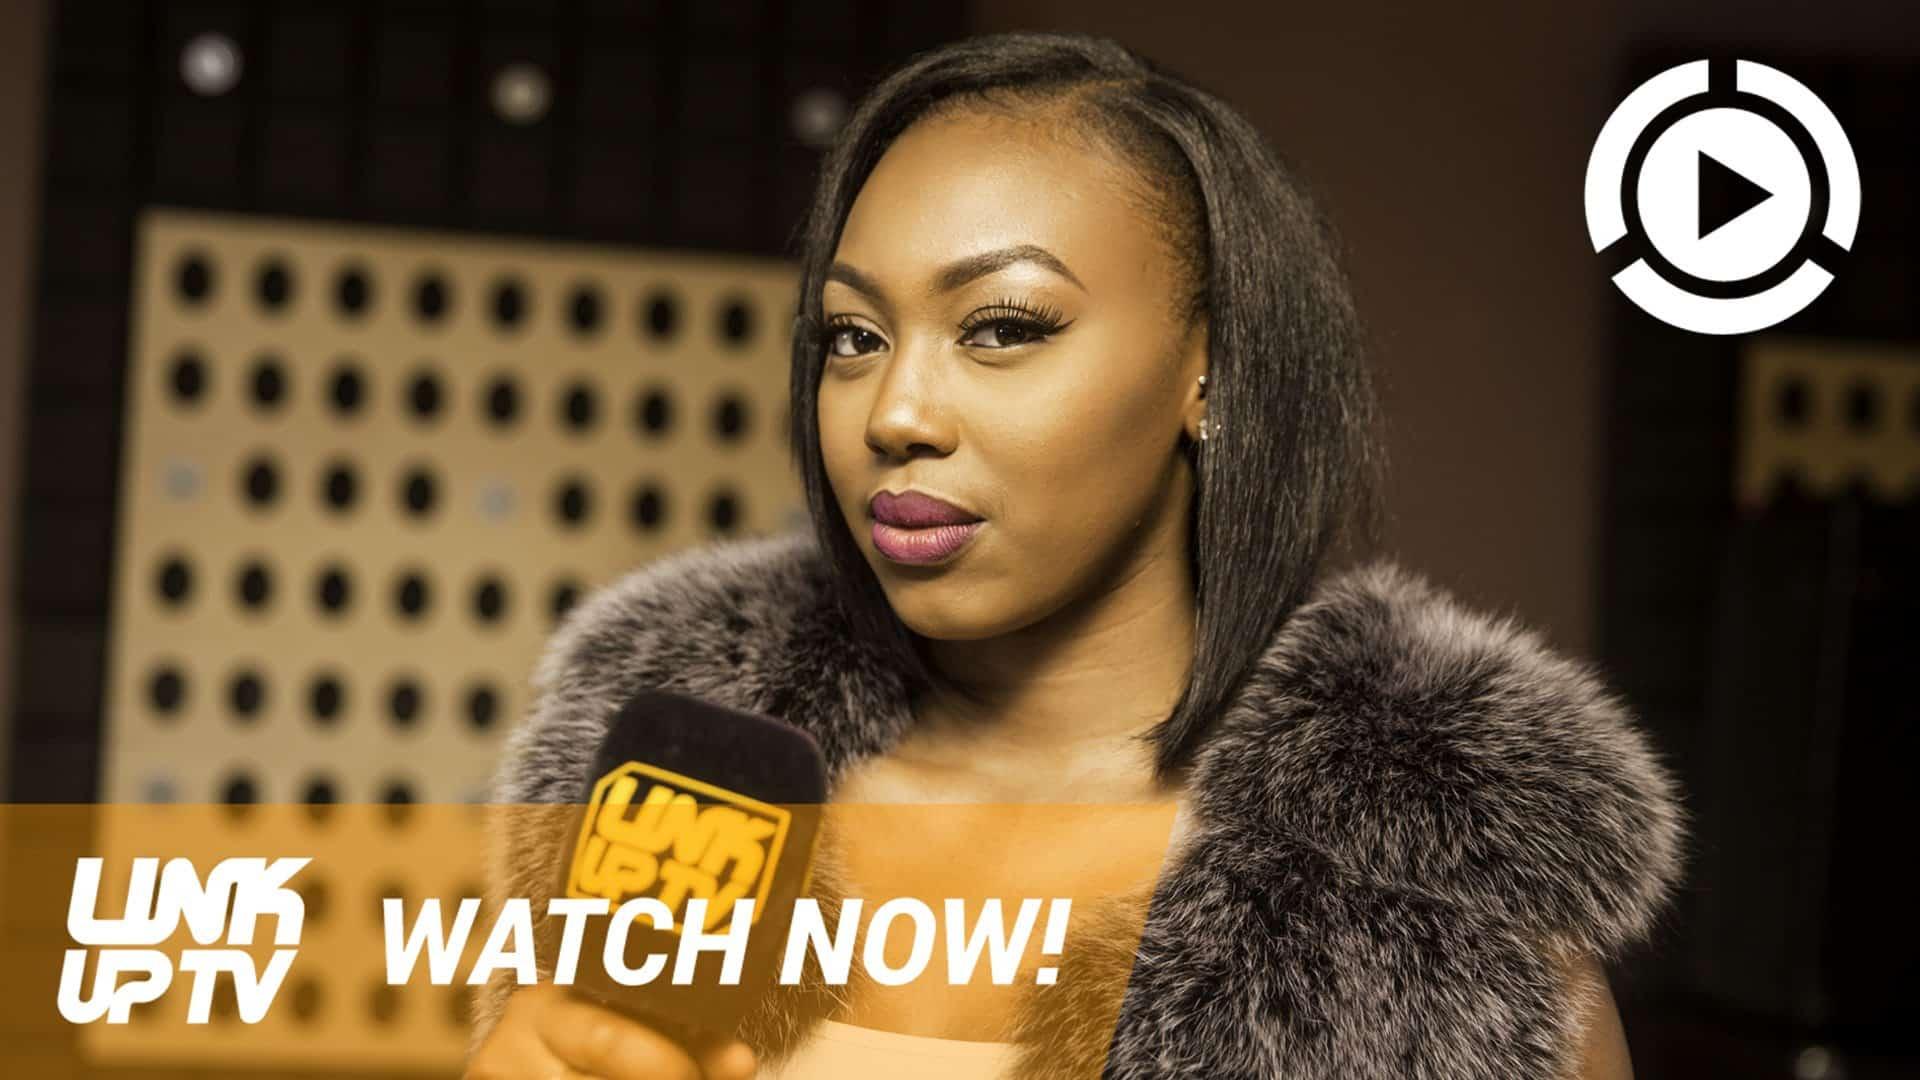 Ms Banks – Careless #MicCheck | @MsBanks94 | Link Up TV